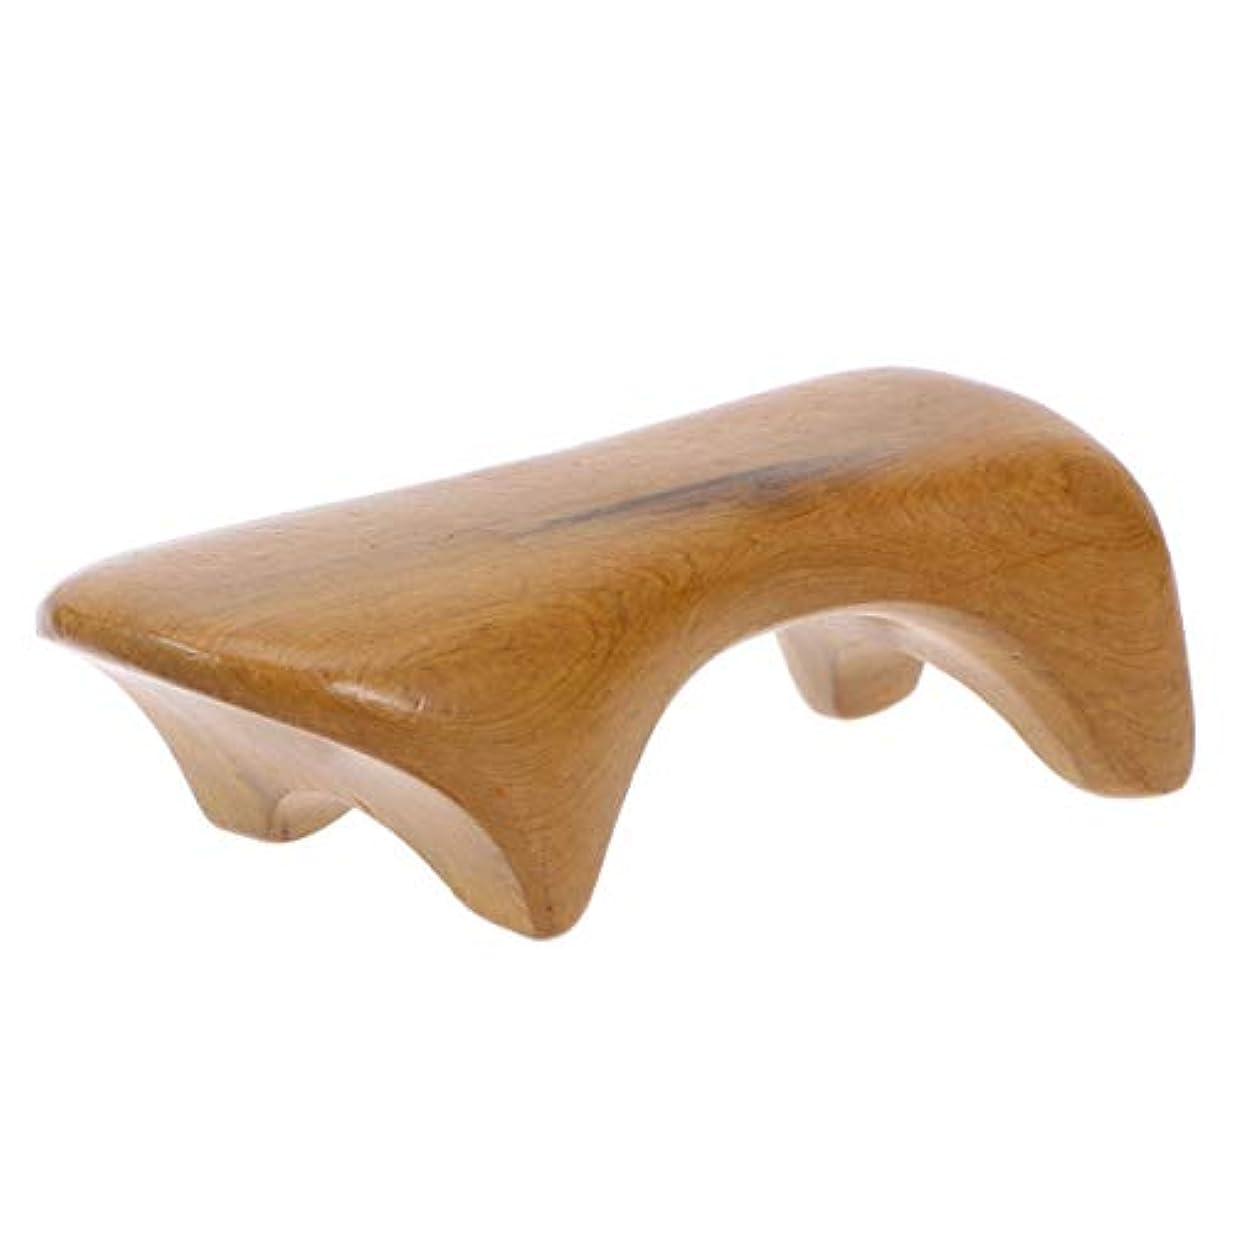 起点ジャーナルパラダイス完全木製のための木の背部マッサージャーの手持ち型のBadyのマッサージャーの多機能のマッサージャー